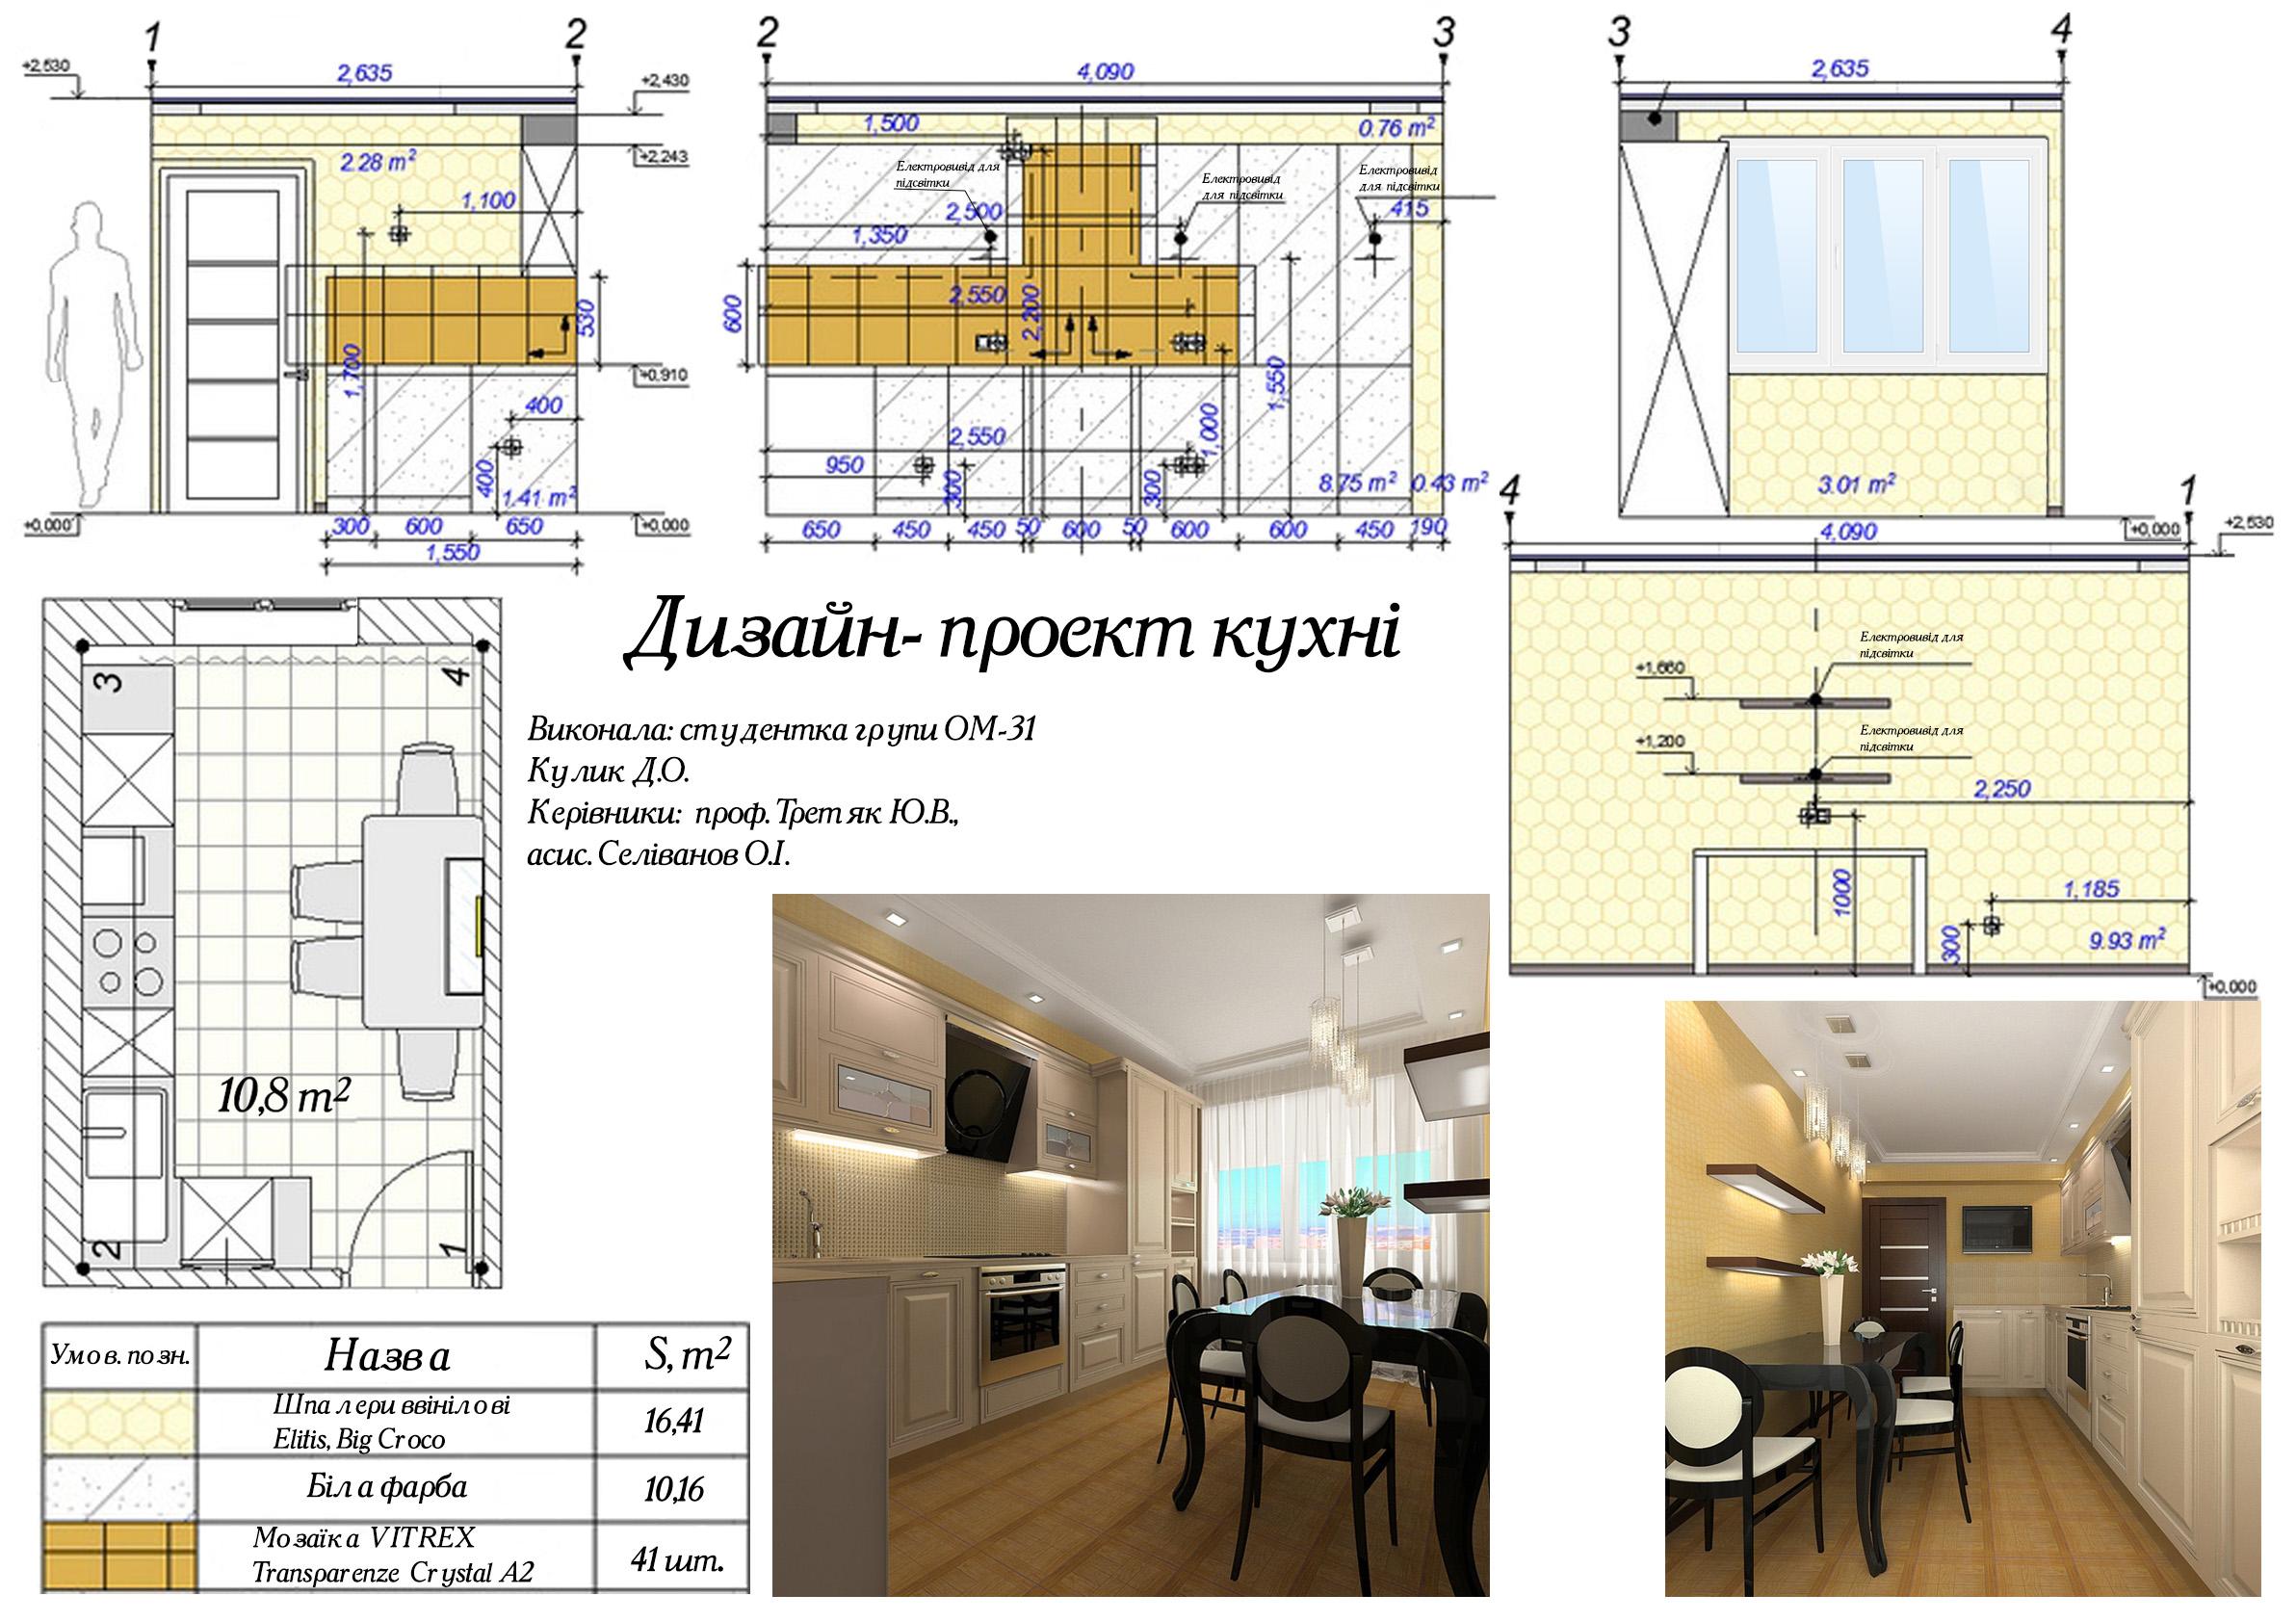 Фото дизайн-проект кухни. 3ds max+Ps+autocad